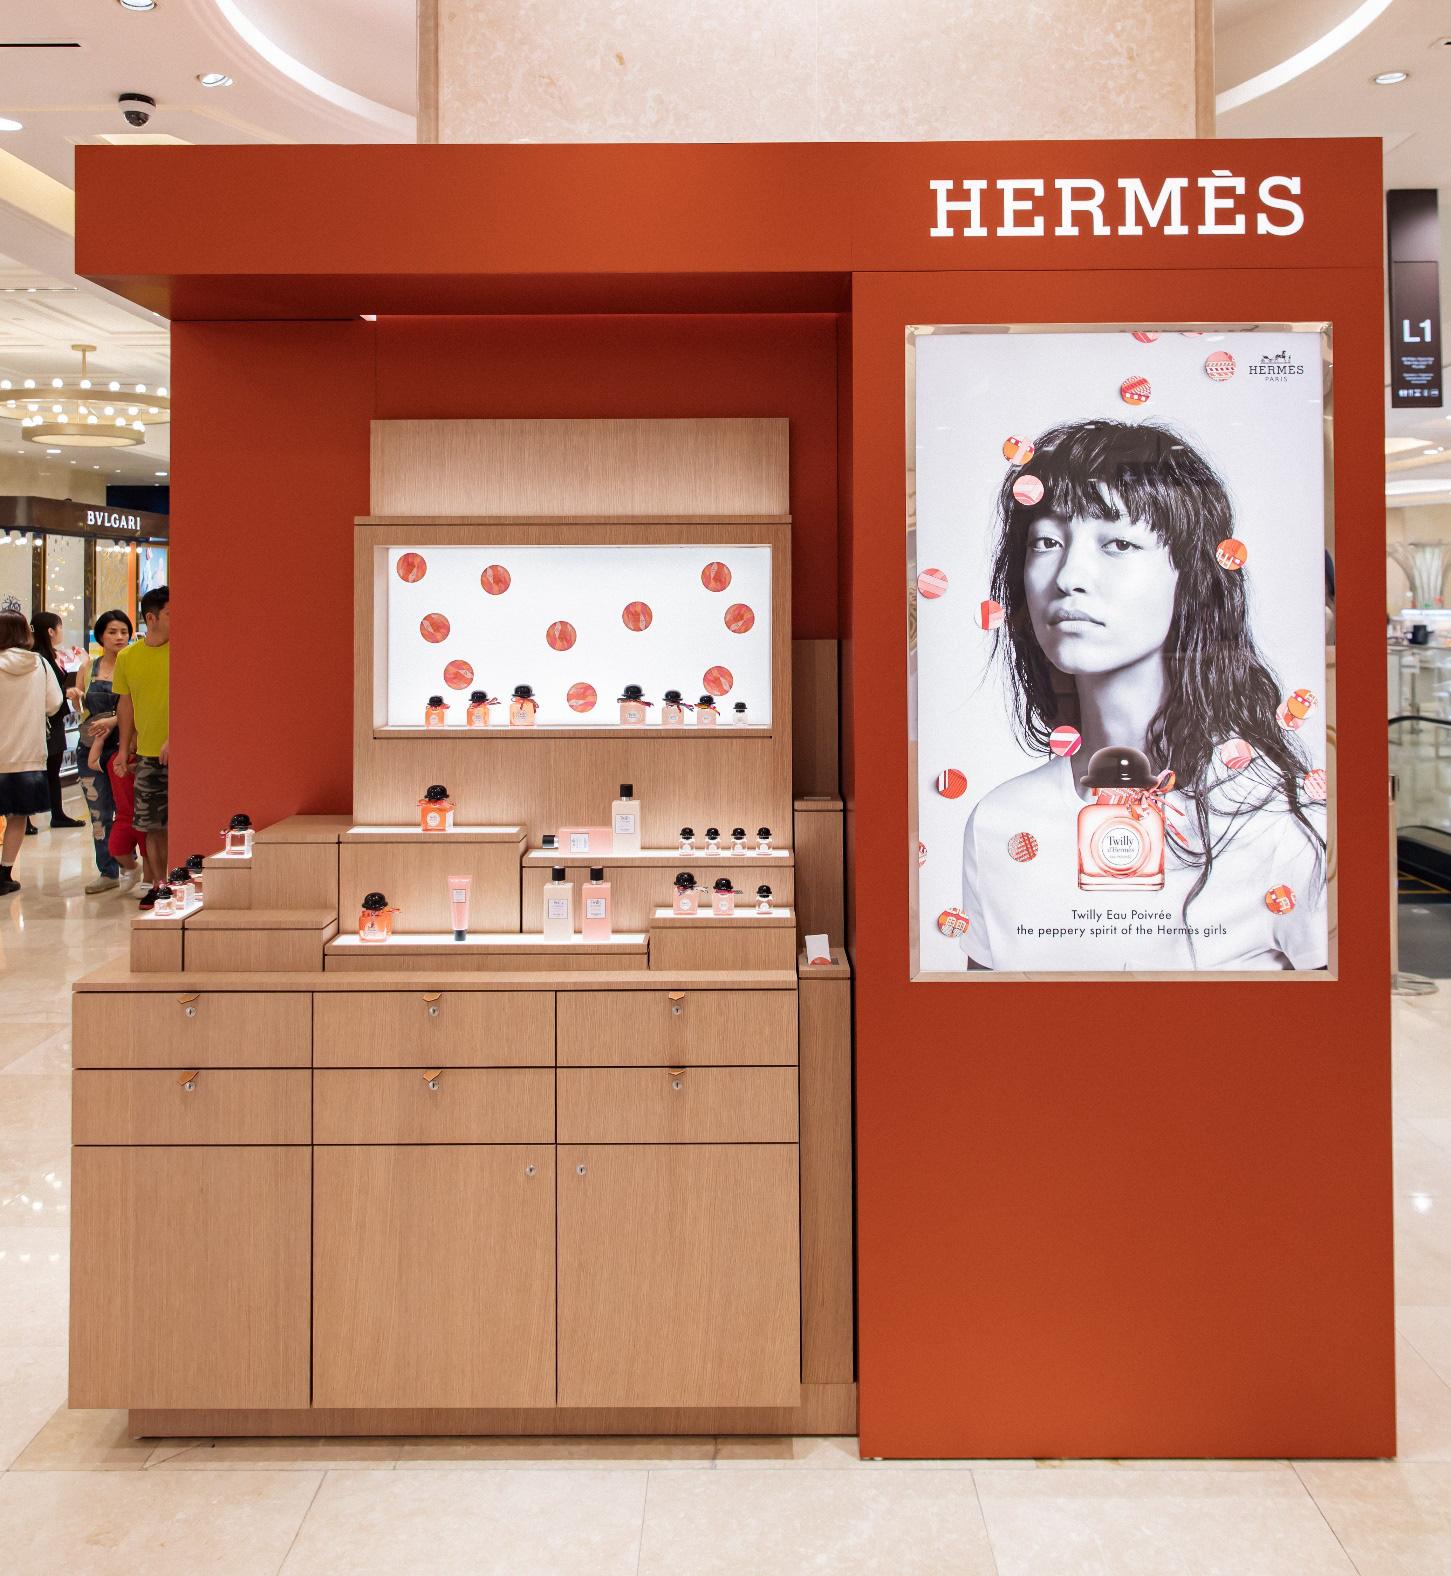 Hermès mở gian hàng mỹ phẩm đầu tiên tại TTTM Takashimaya, Sài Gòn - Ảnh 2.